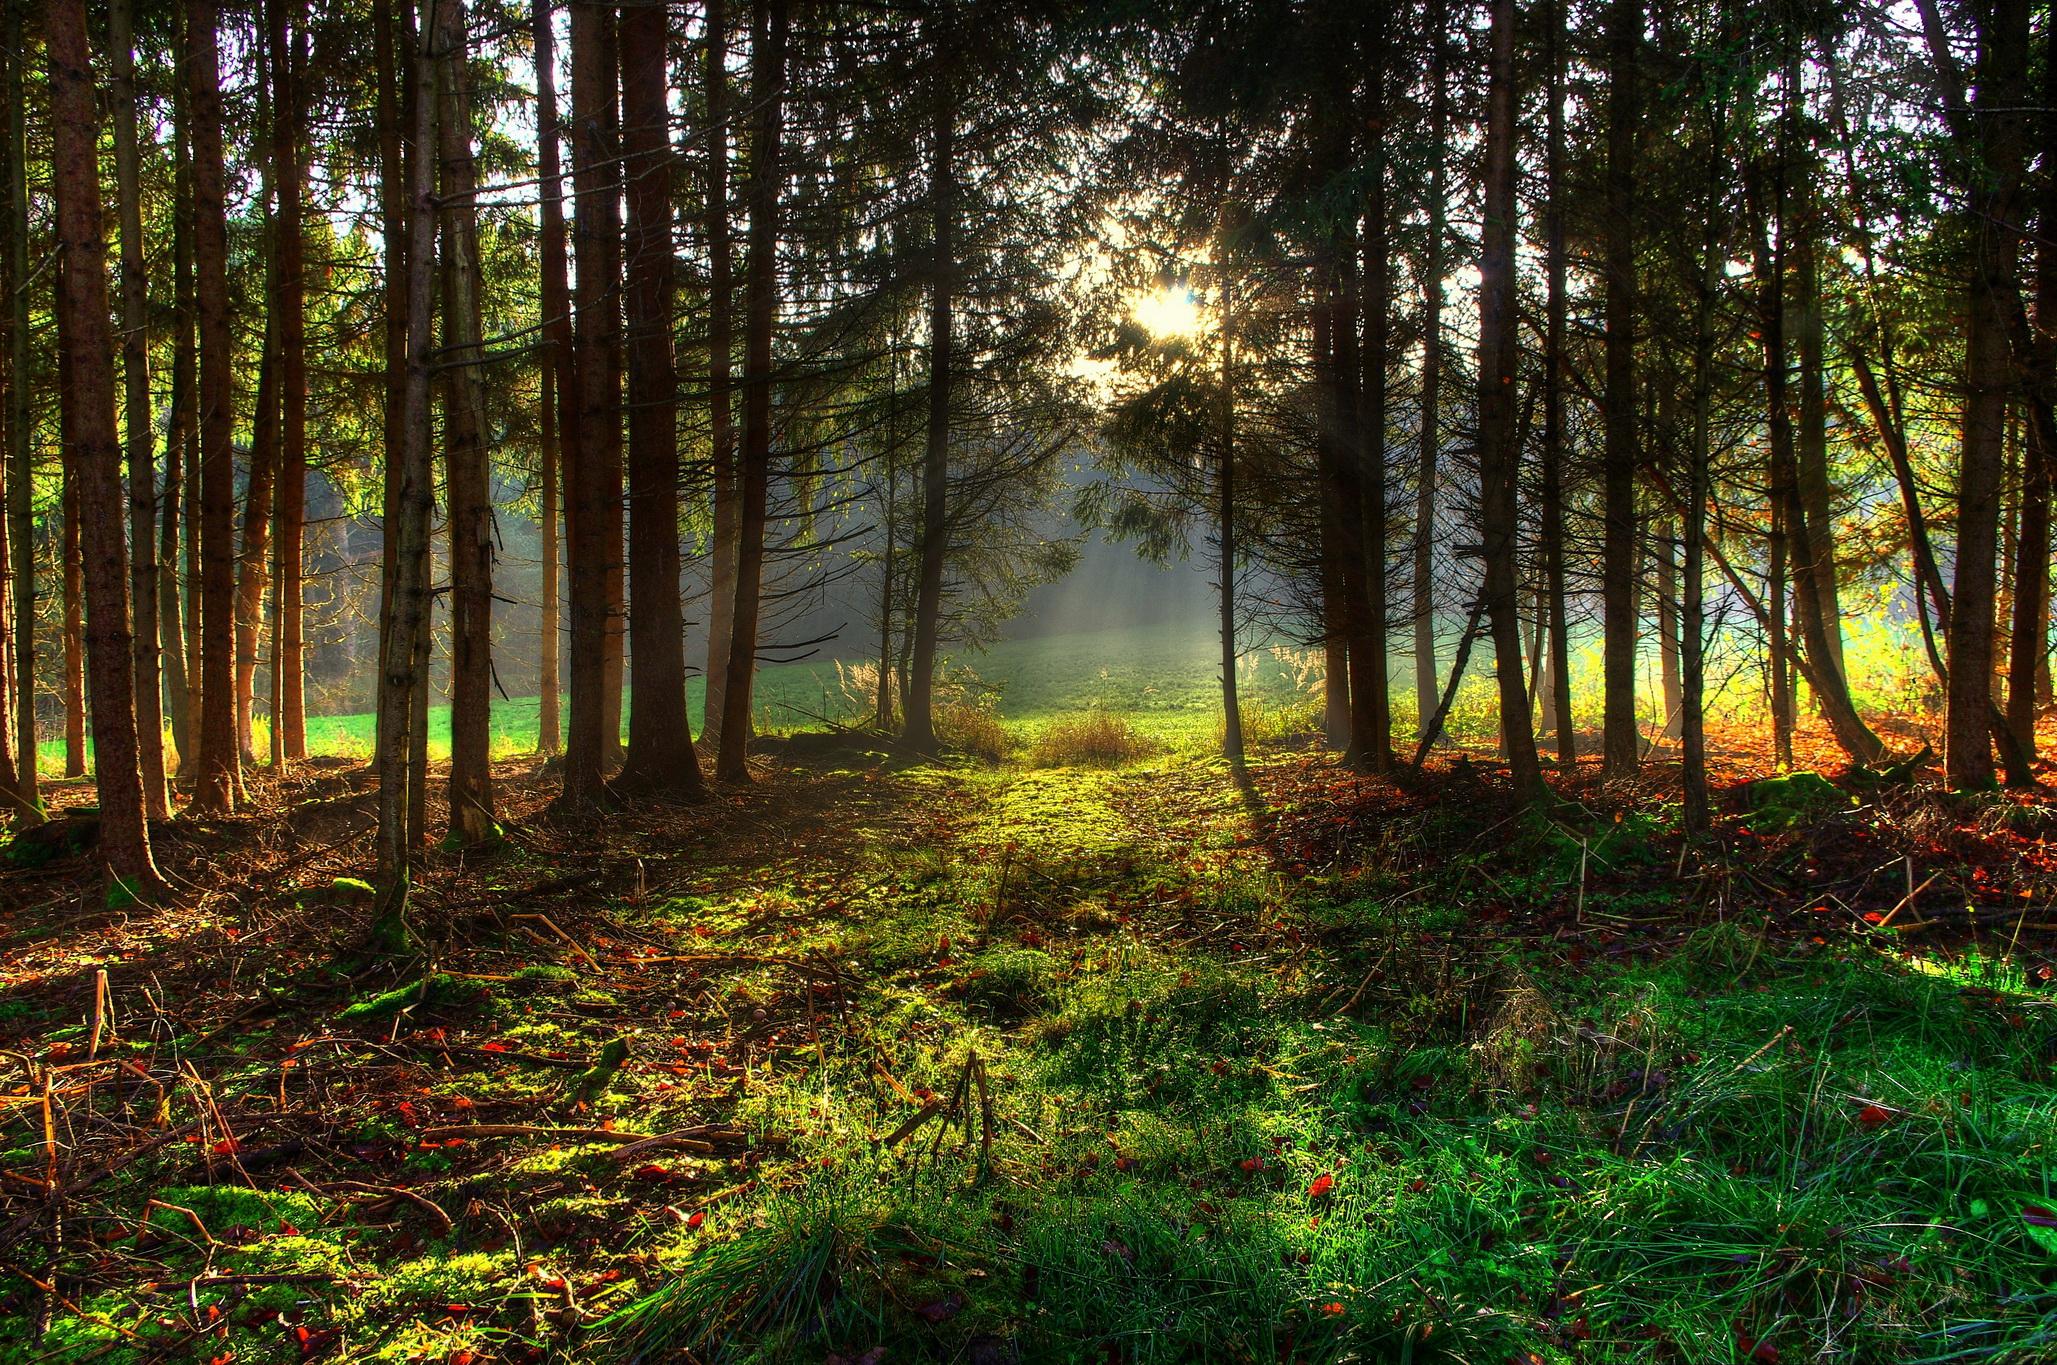 Хвойный лес обои на рабочий стол в высоком качестве